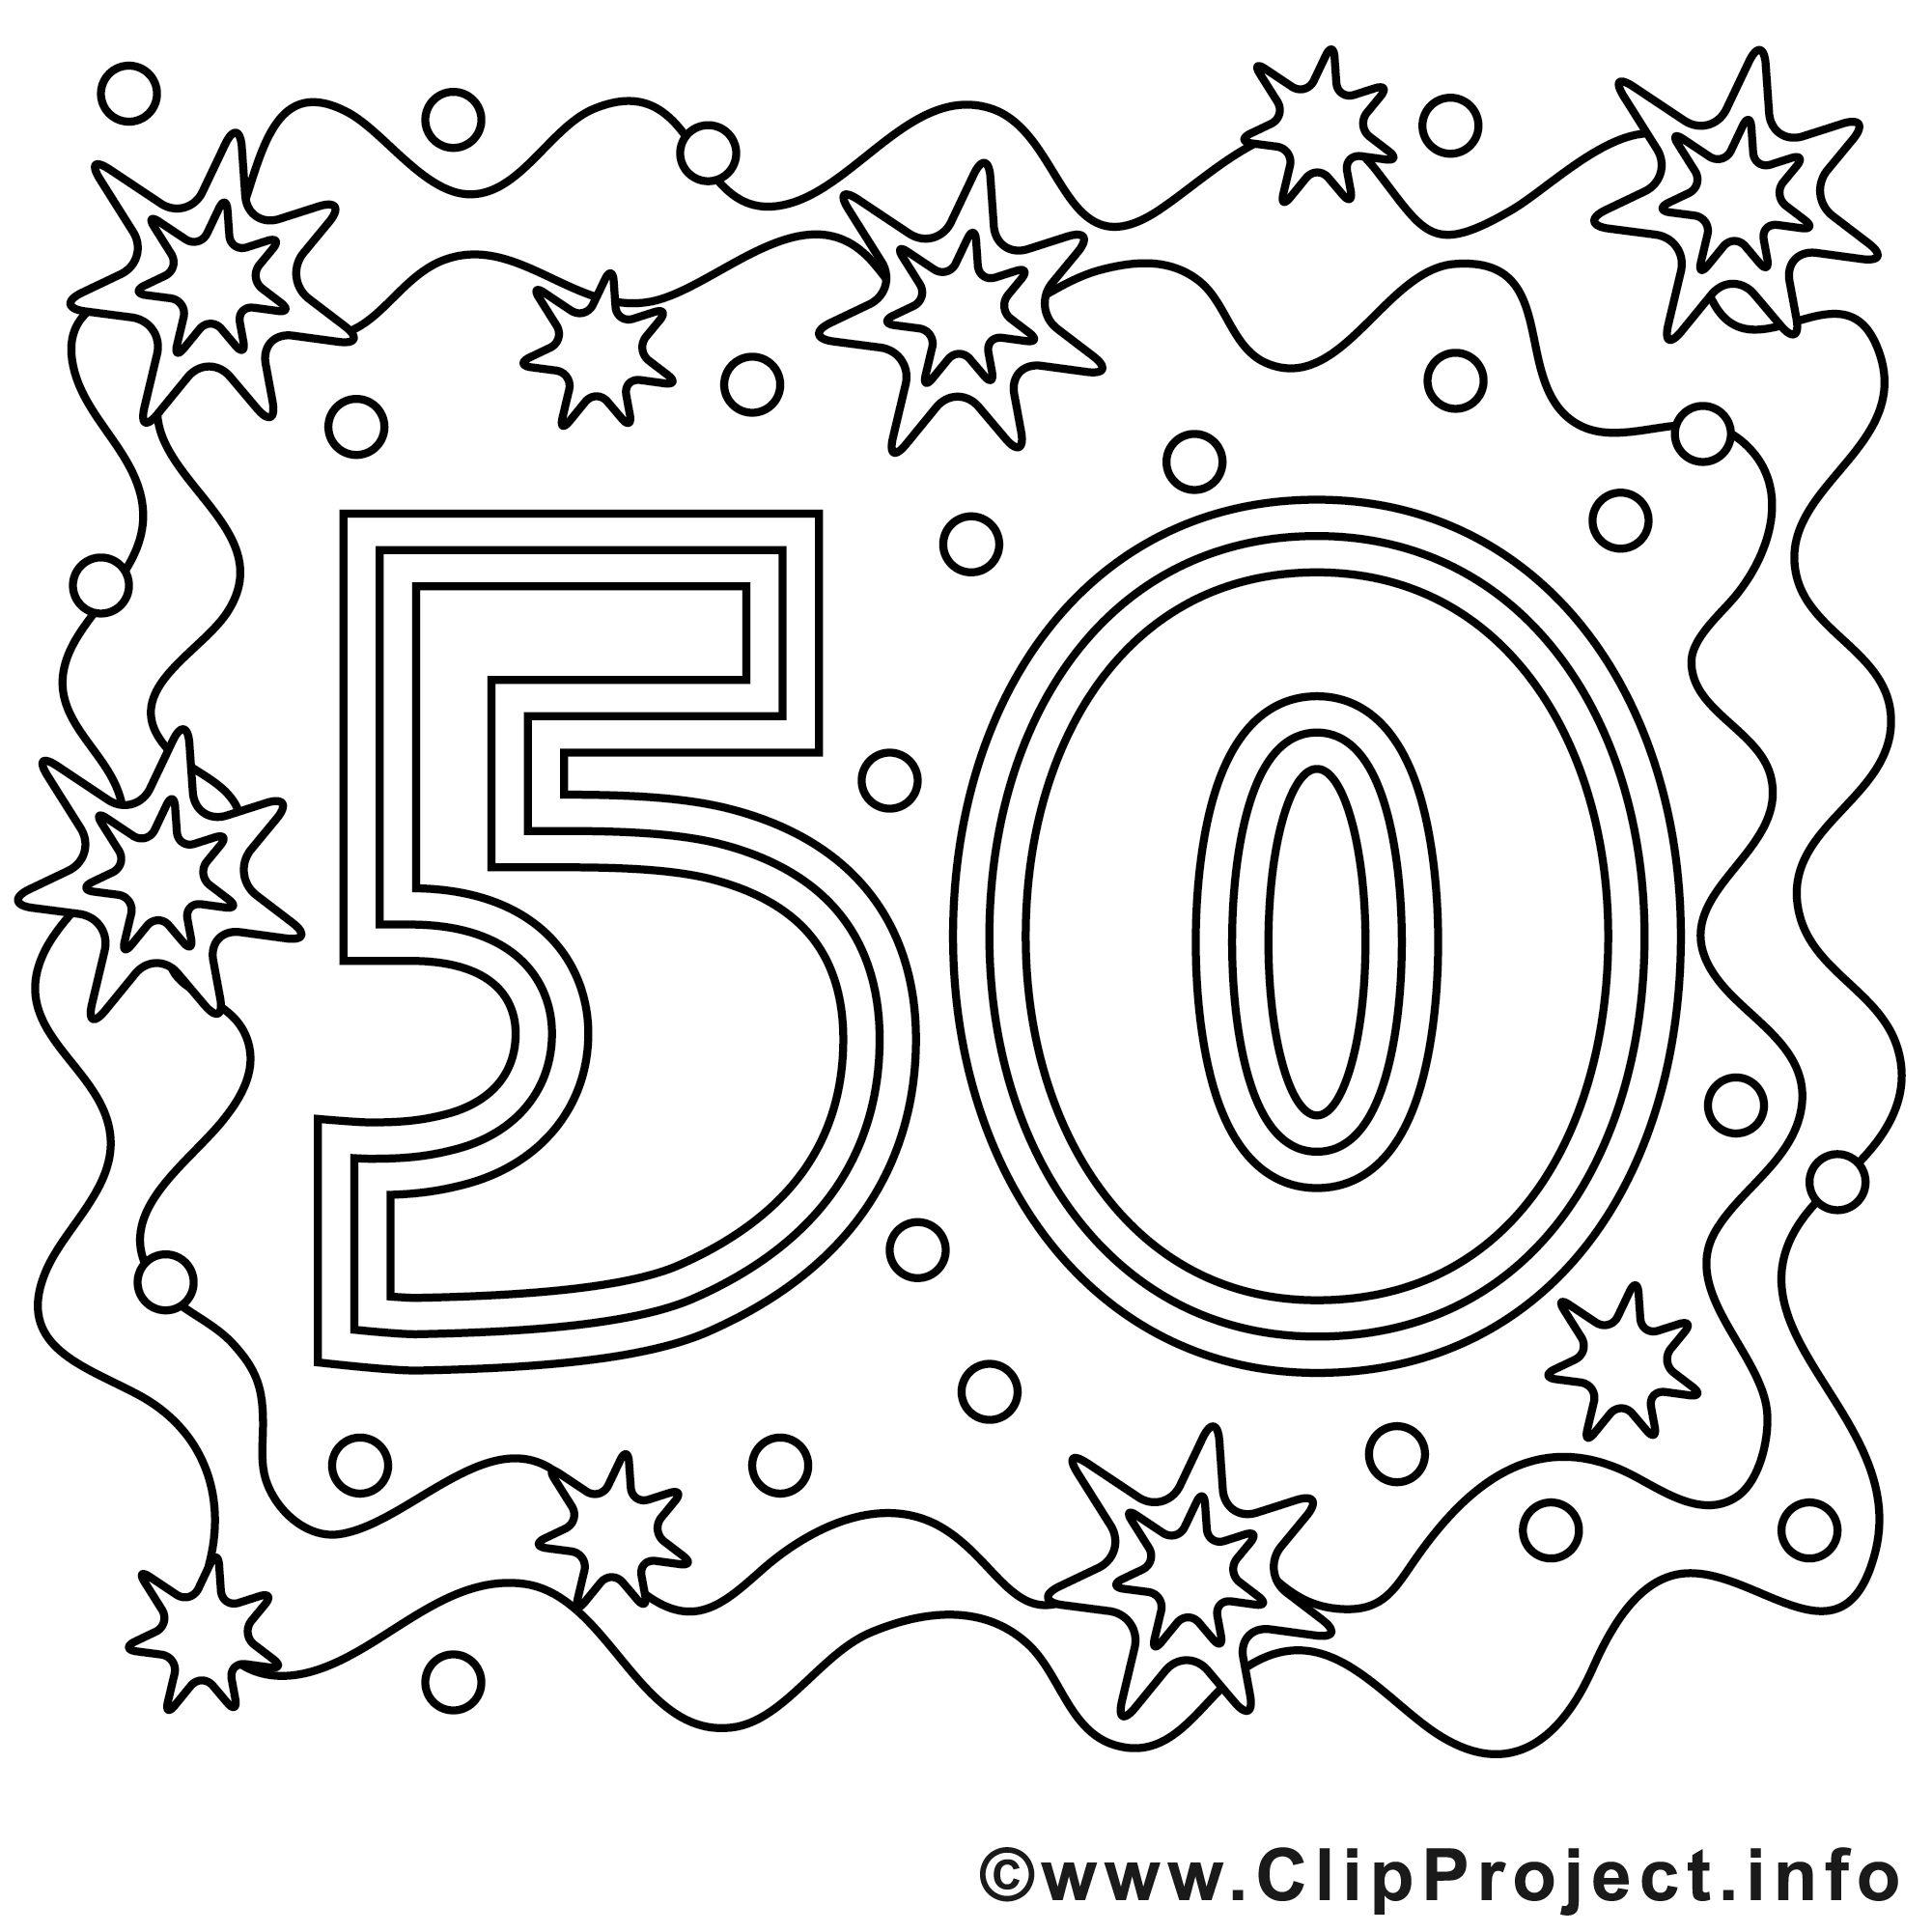 Ausmalbilder Opas Geburtstag : Ausmalbild Zum 50 Geburtstag Ausmalbilder Pinterest 50er